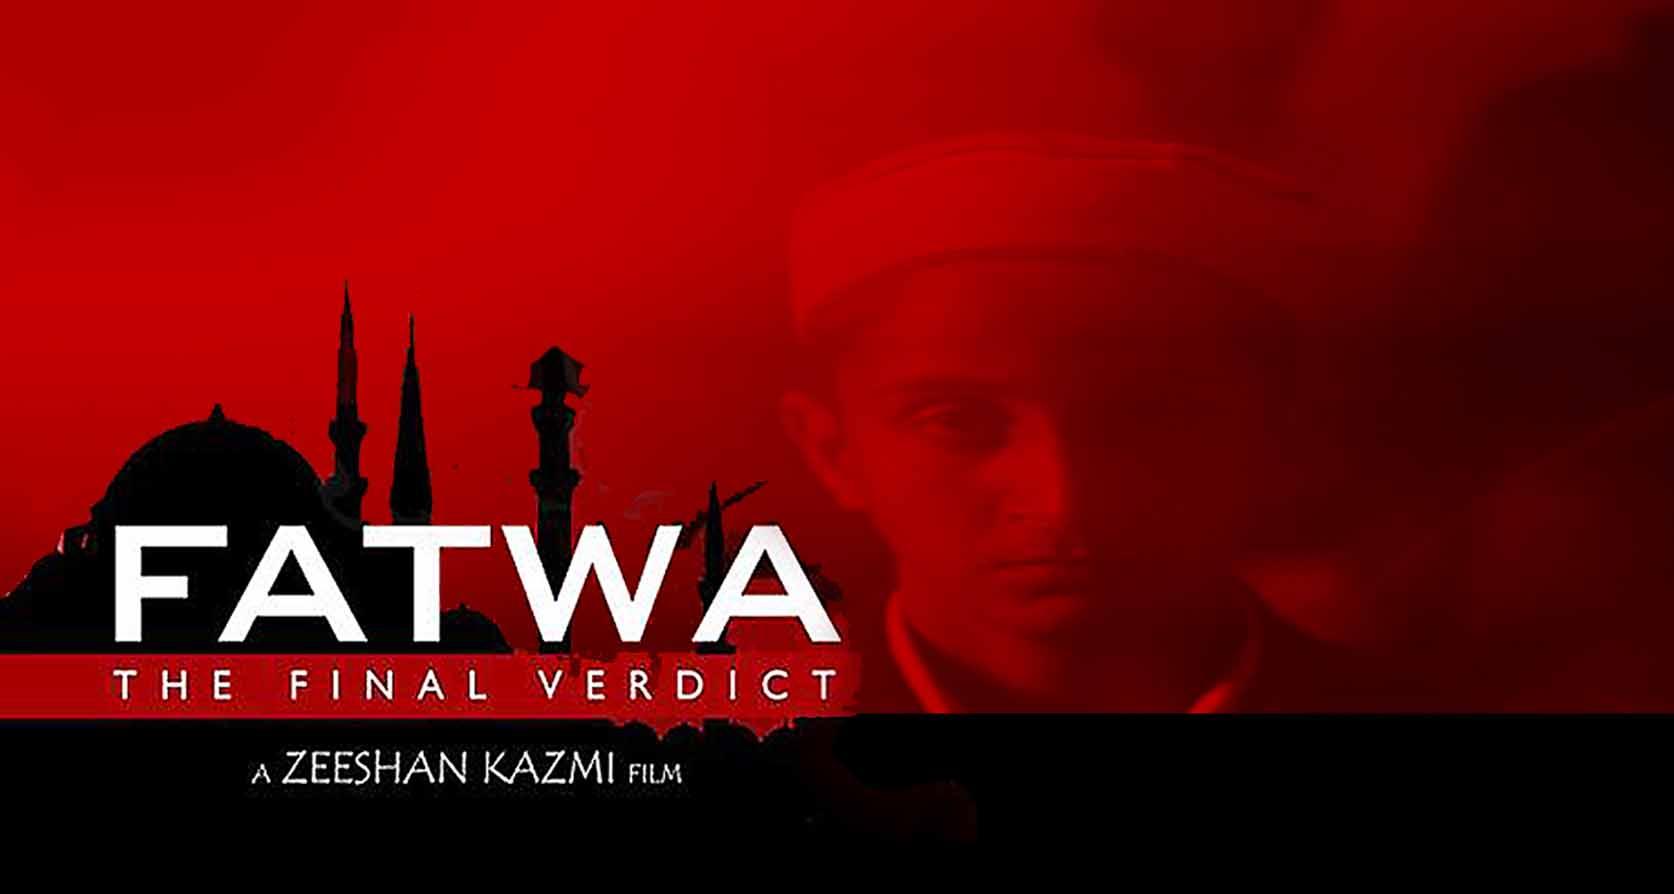 Intervista con Wajahat Kazmi tra Cinema, libri, Pakistan e attivismo